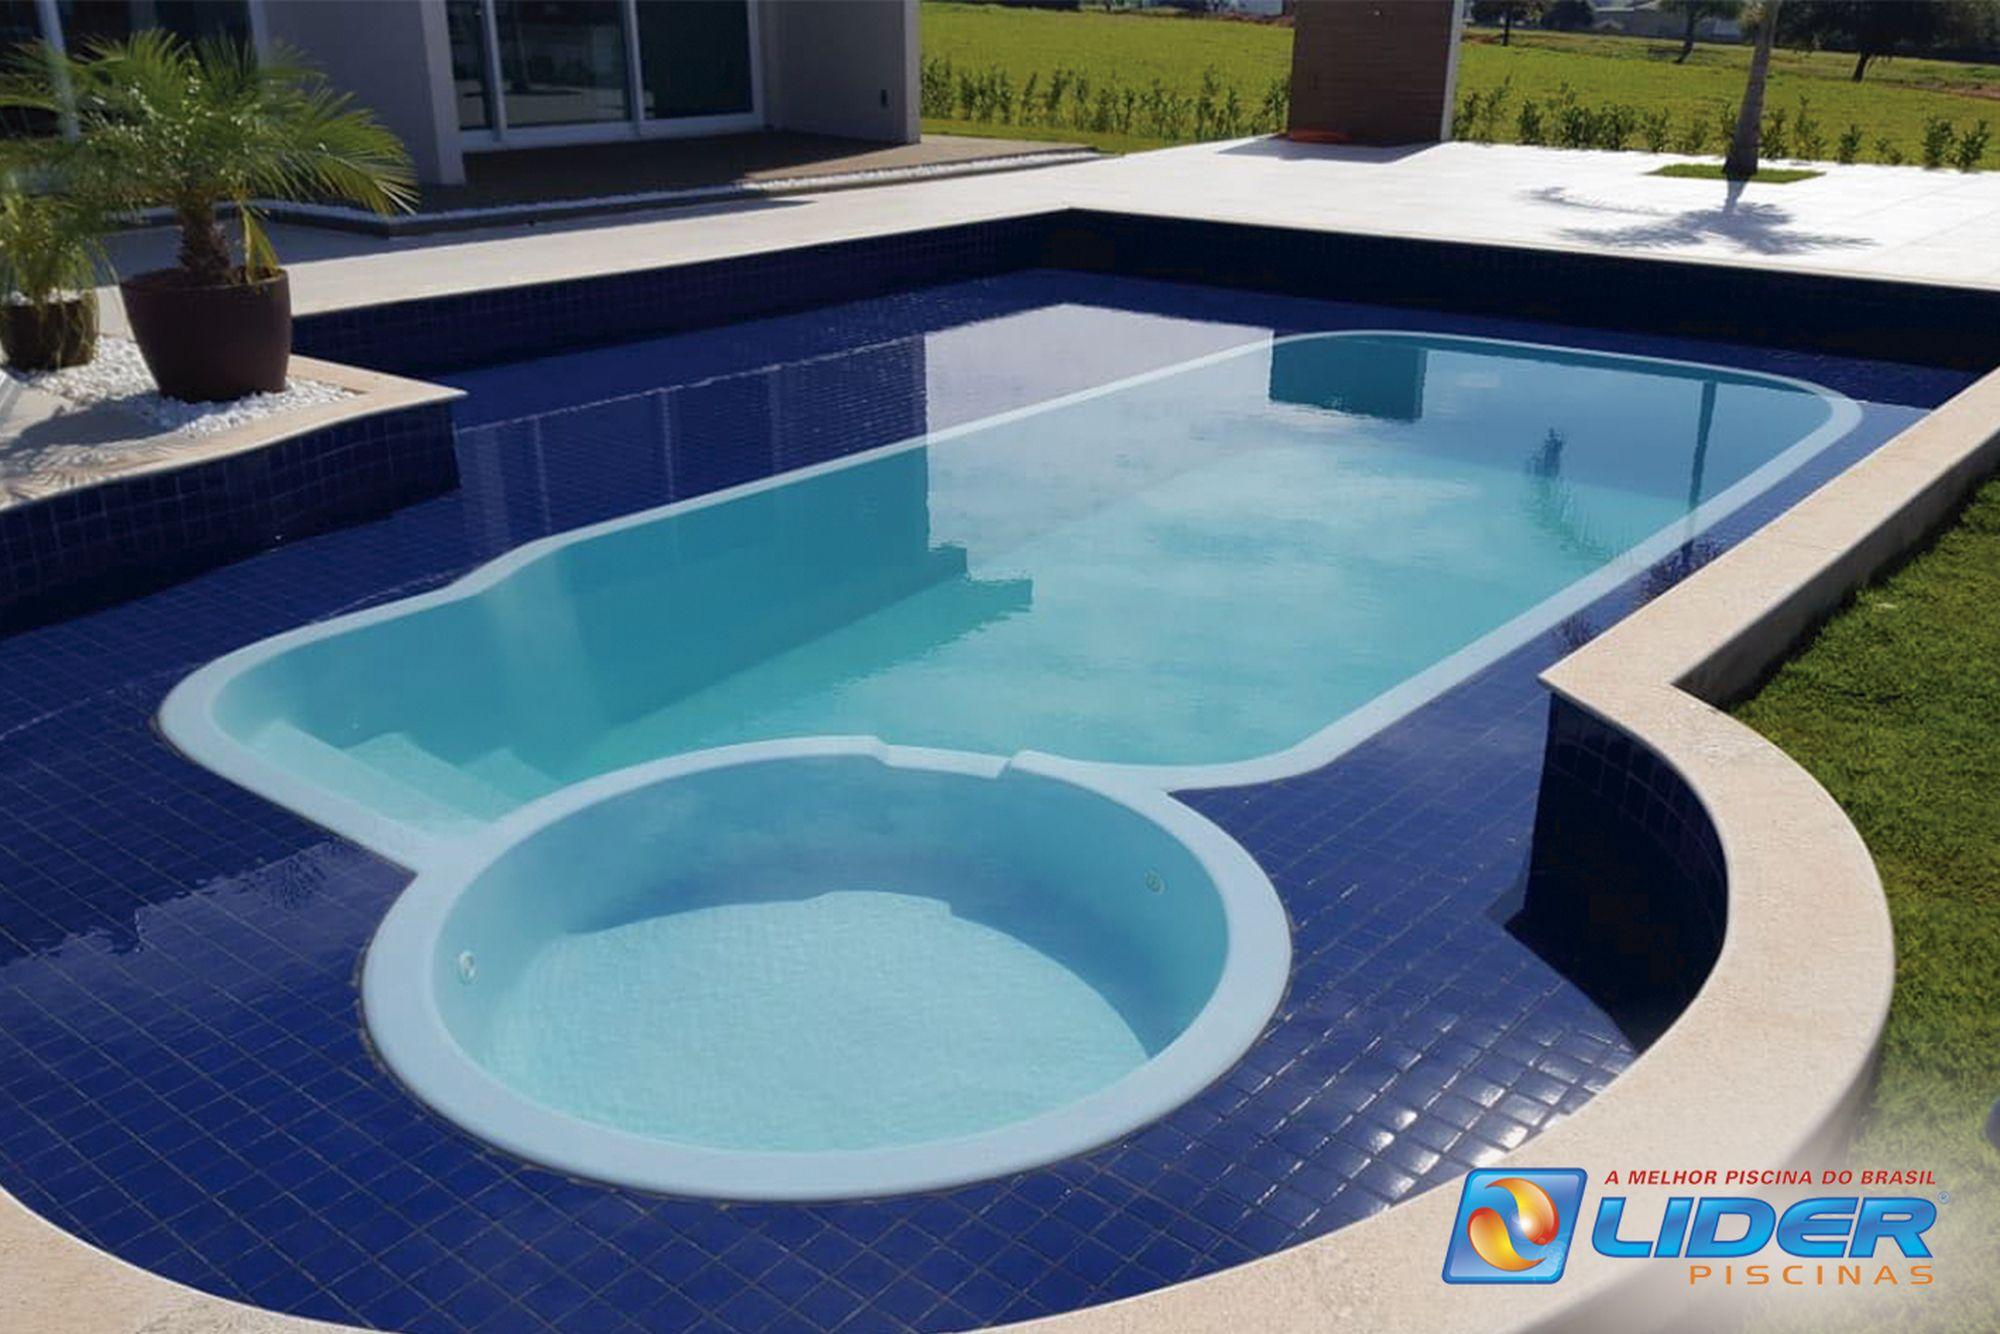 Premium lider piscinas for Lider piscinas